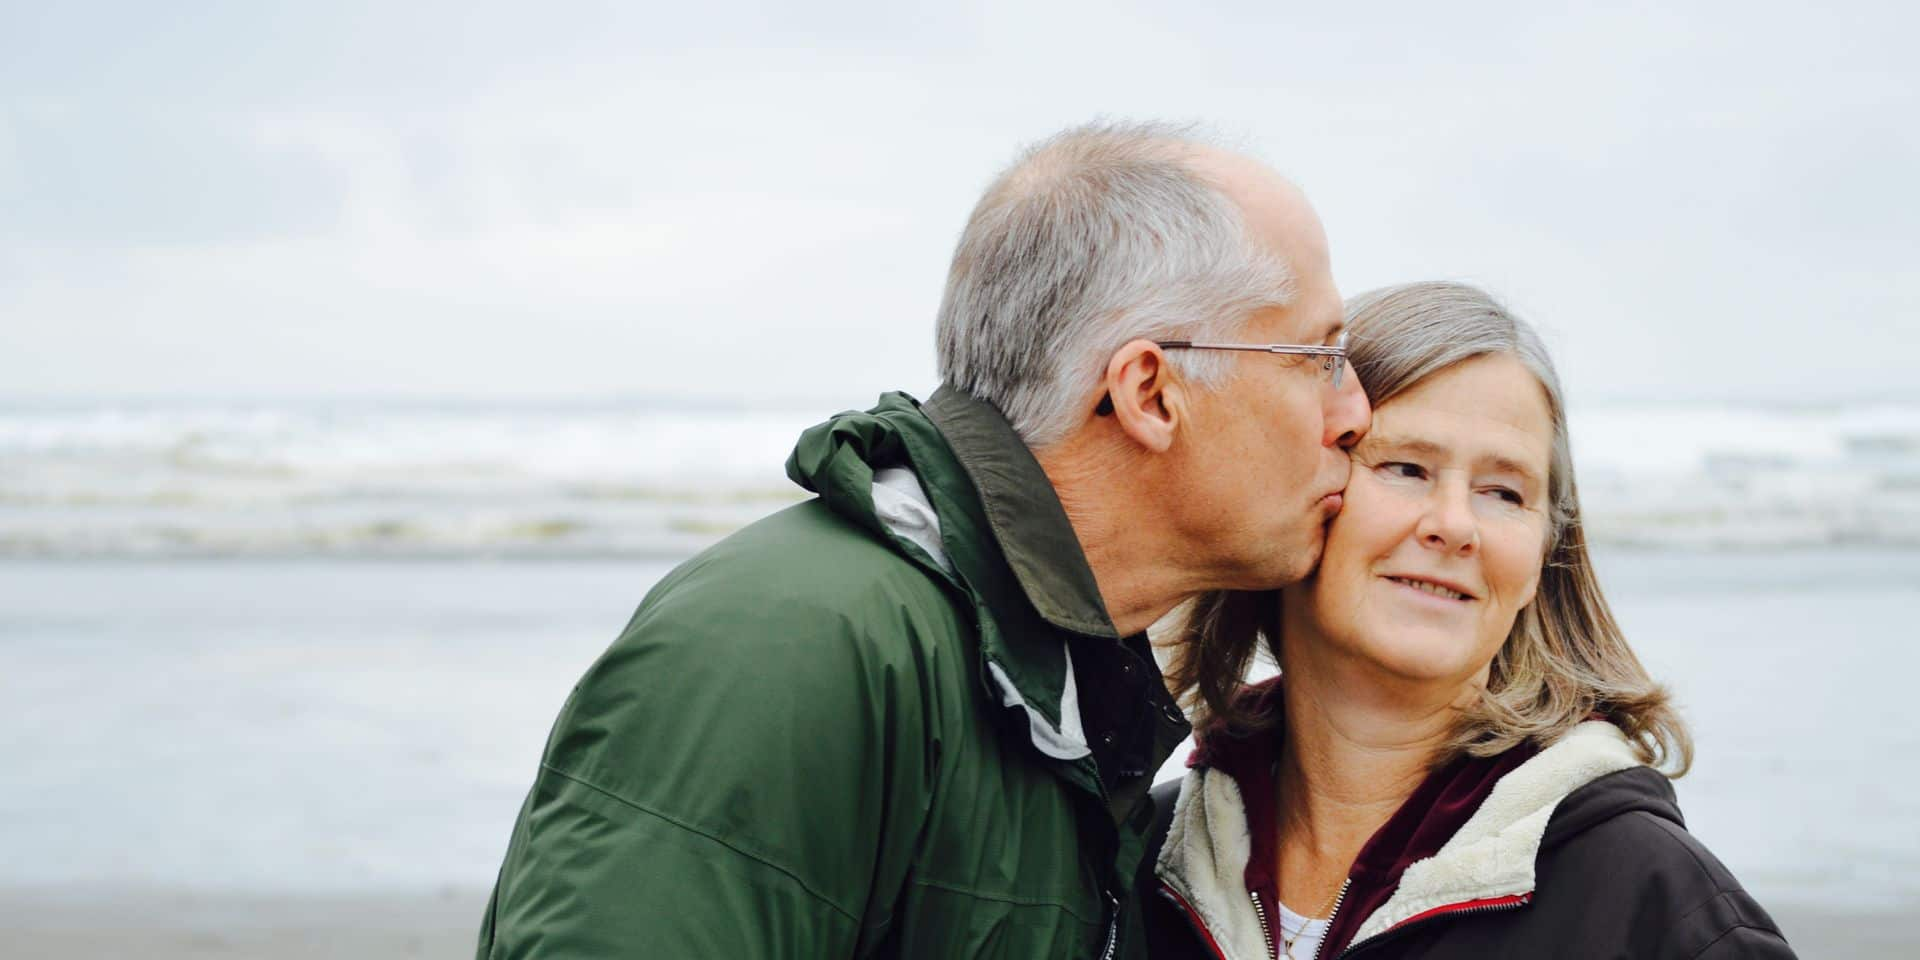 Sur les sites de rencontres, les seniors sont plus ouverts d'esprit